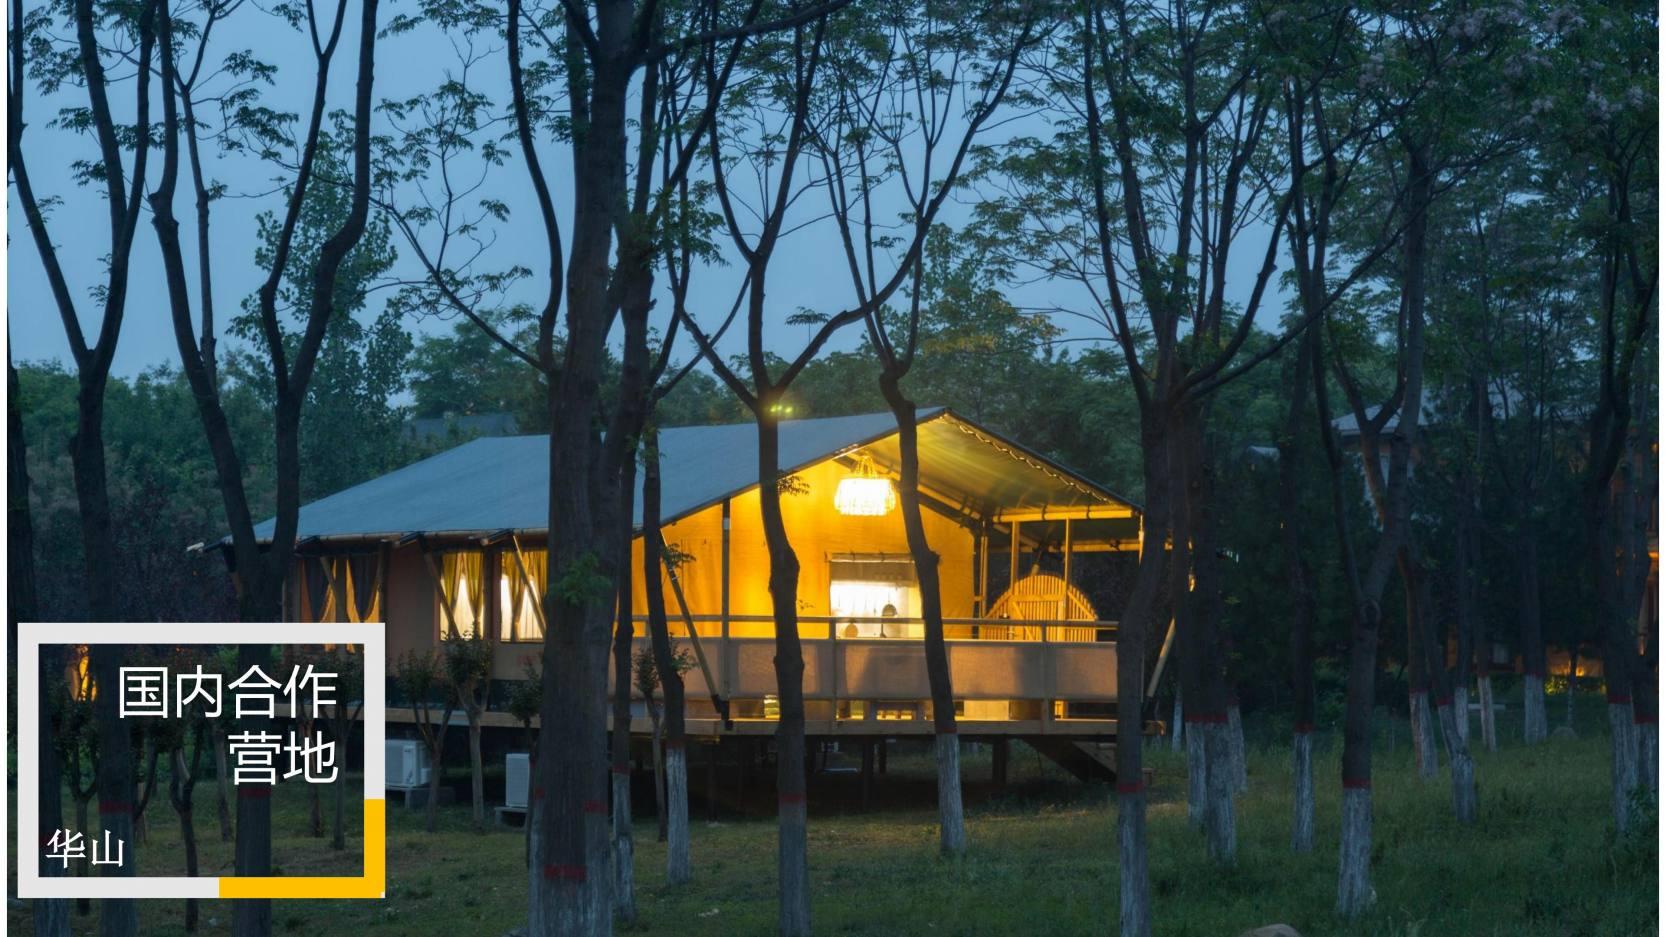 喜马拉雅野奢帐篷 (29)